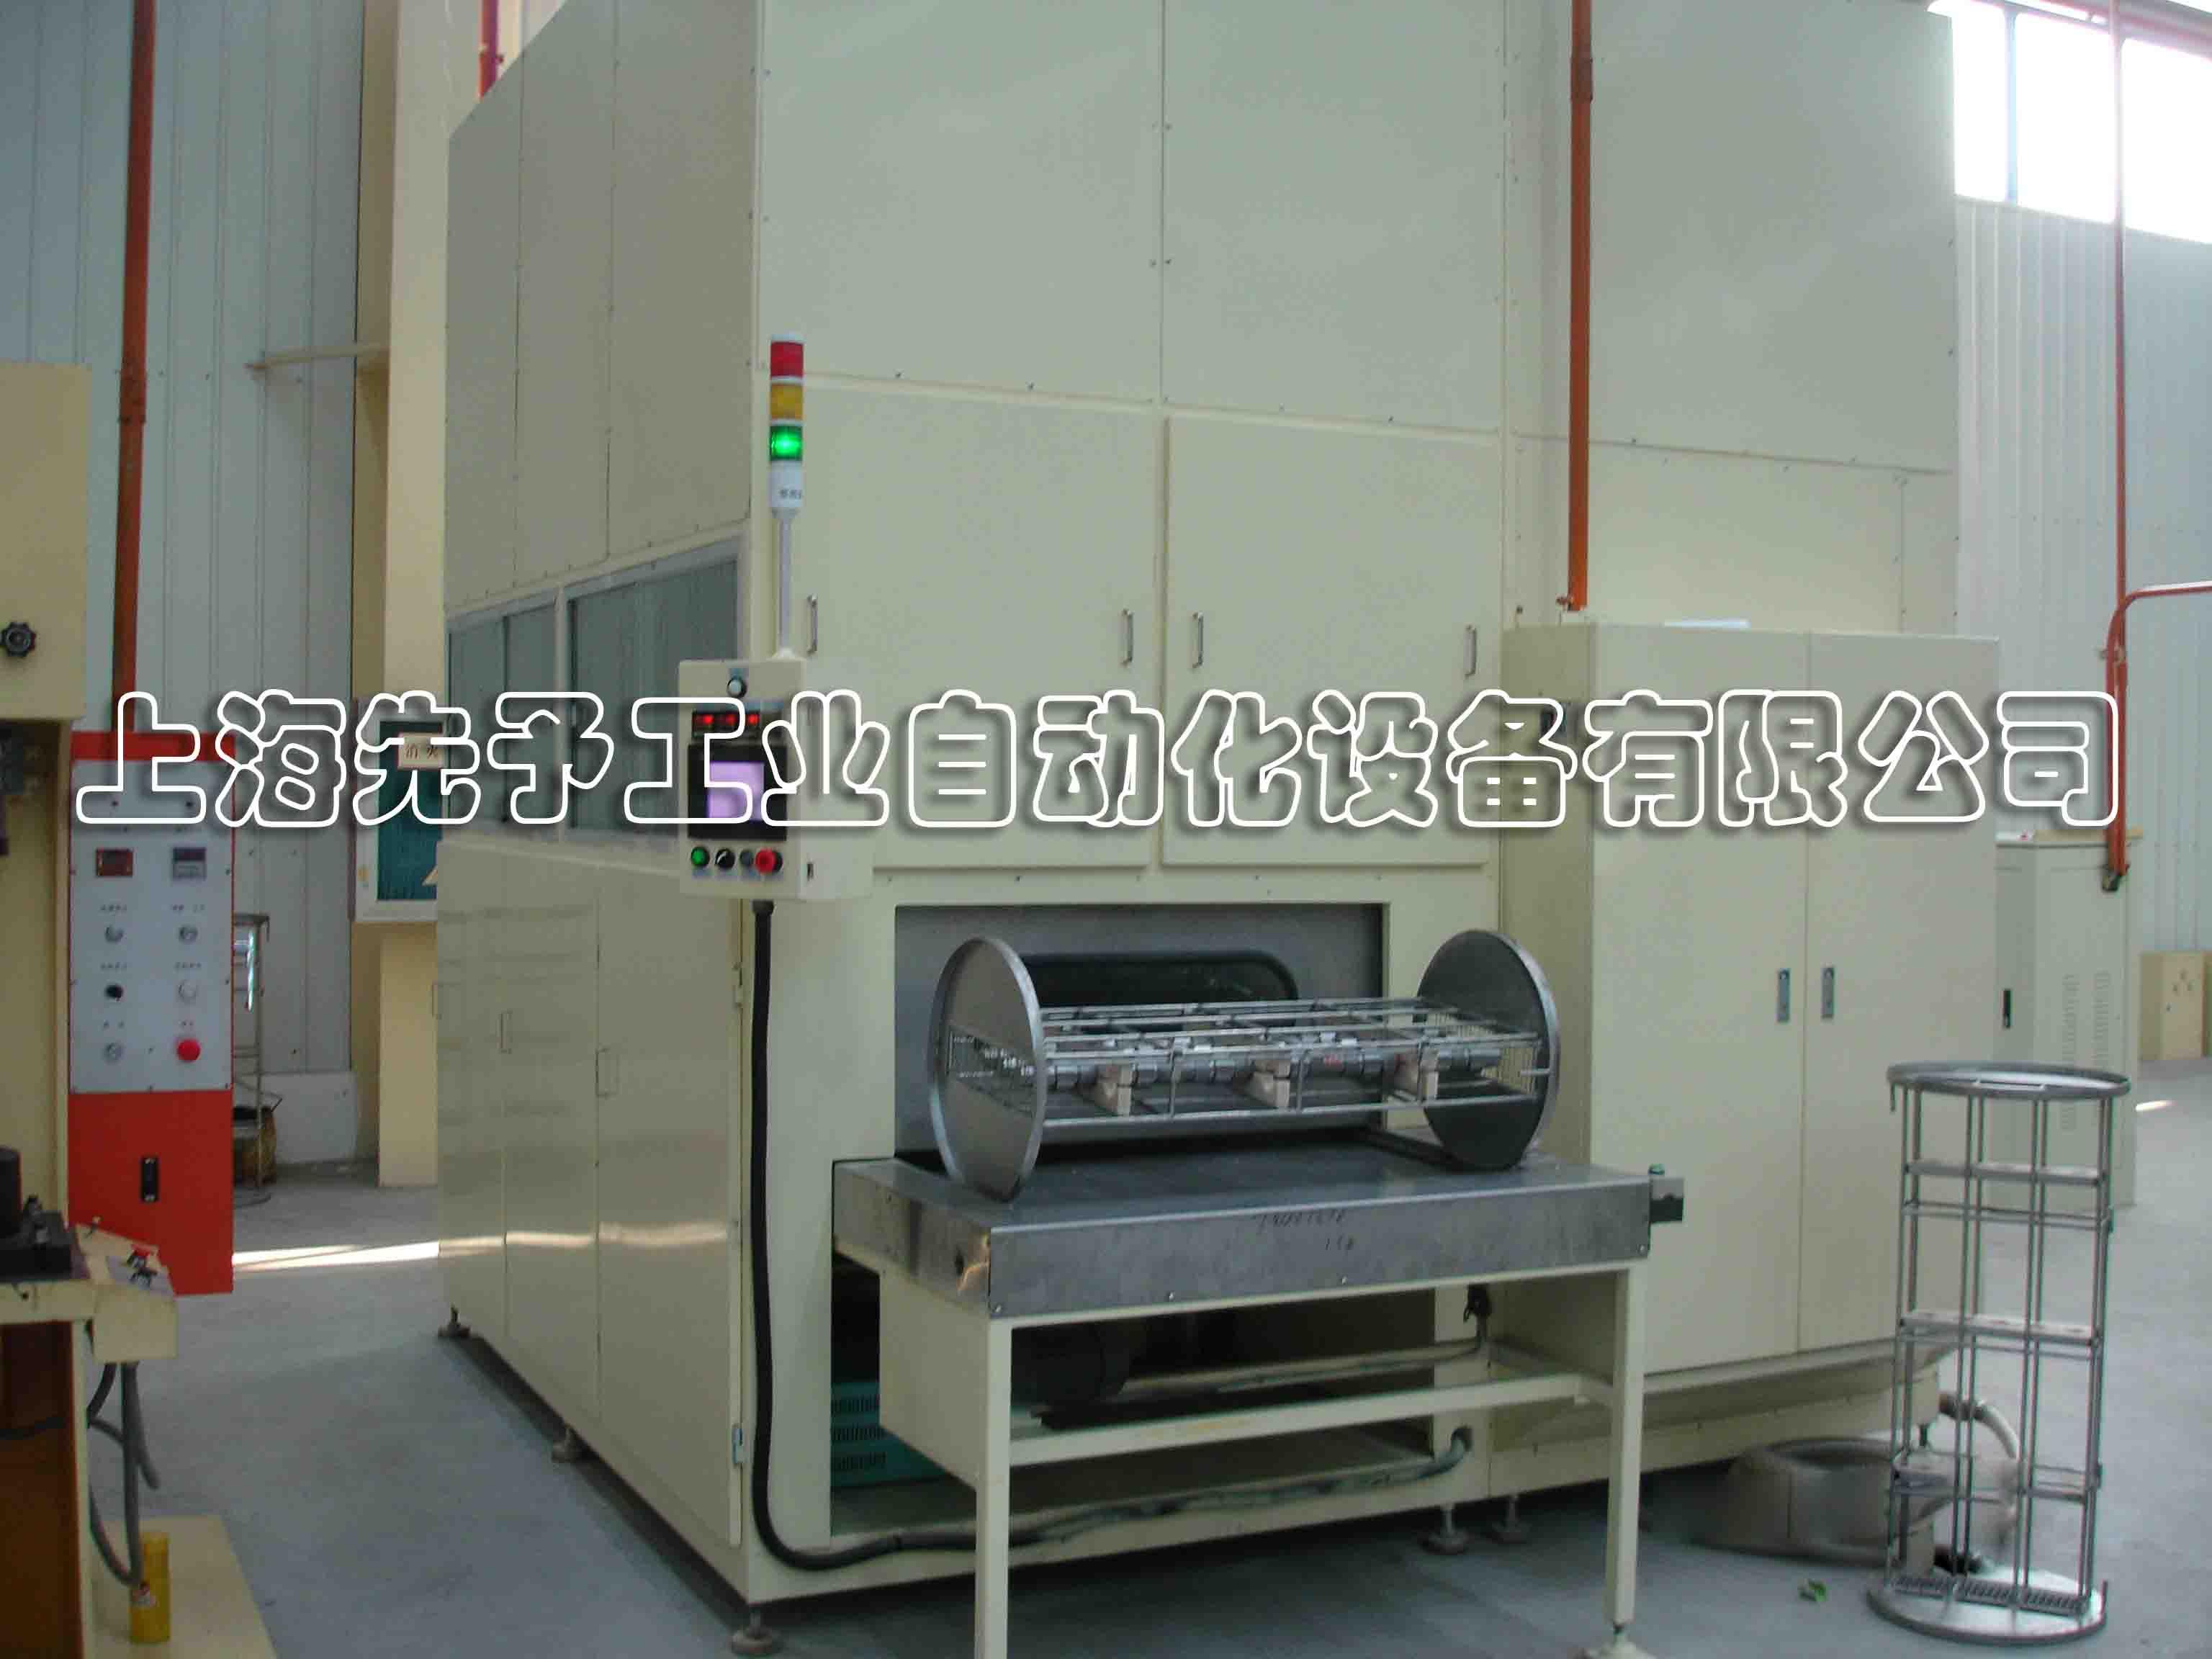 全自动凸轮轴清洗机生产厂家|上海先予工业自动化设备有限公司